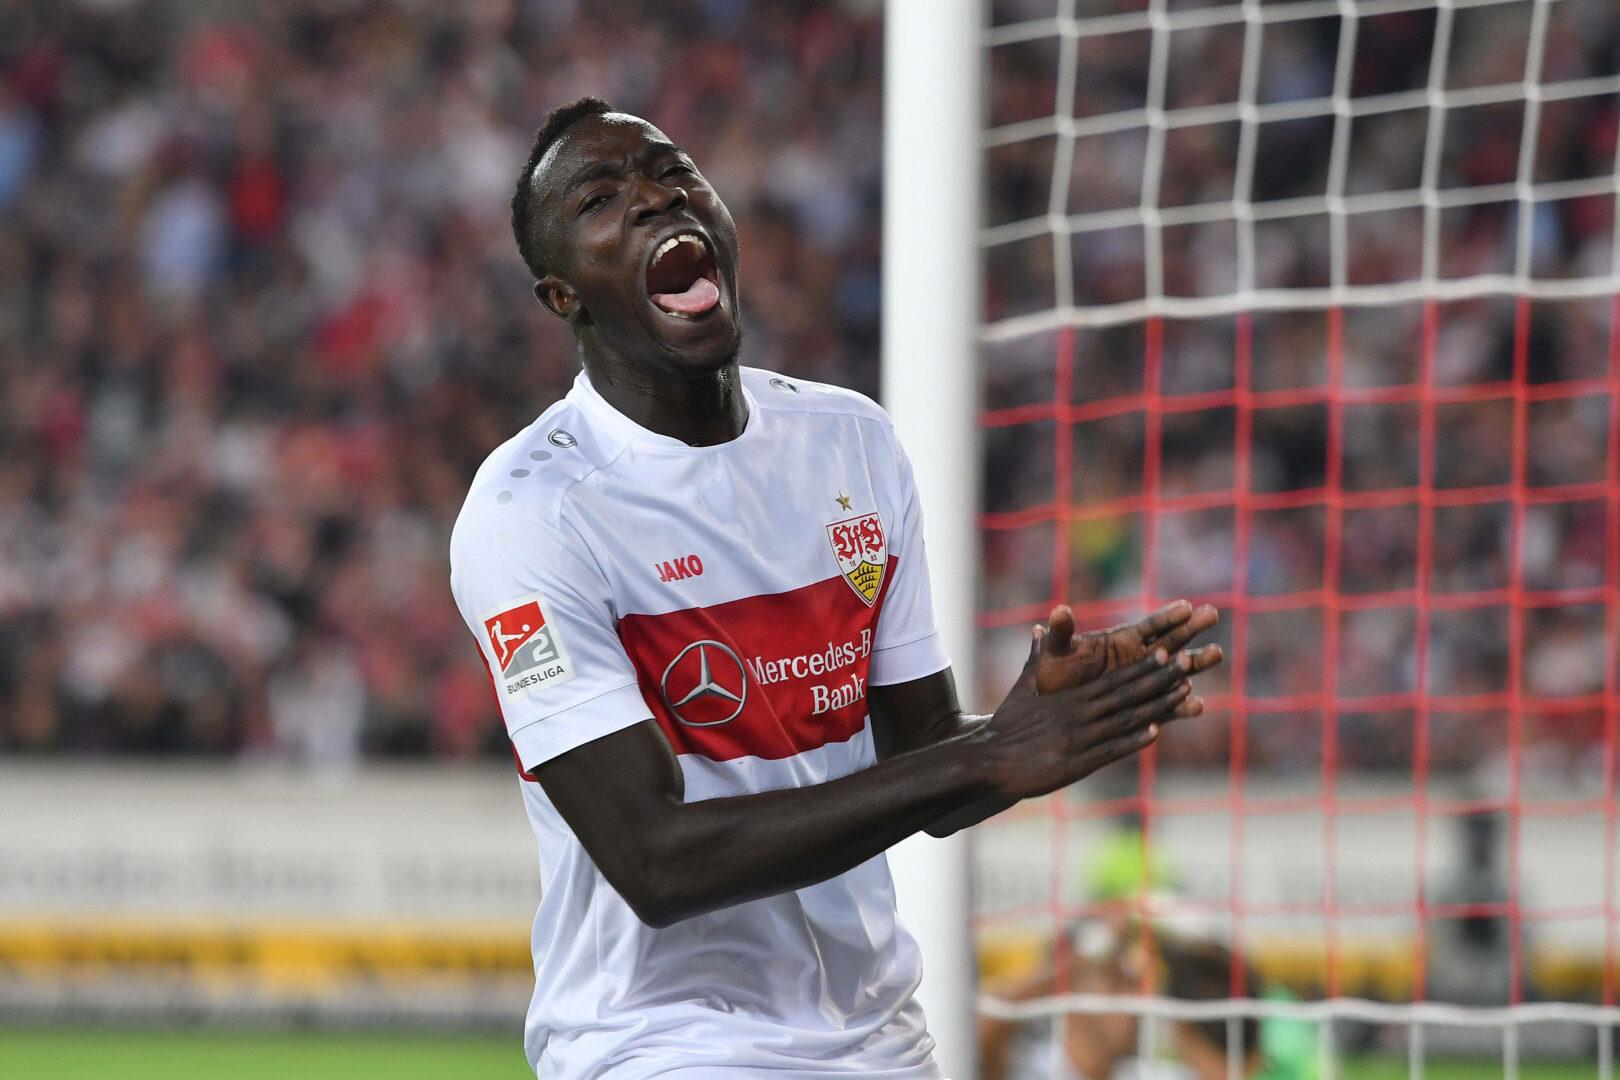 VfB Stuttgart: Silas mit großen Fortschritten in der Reha